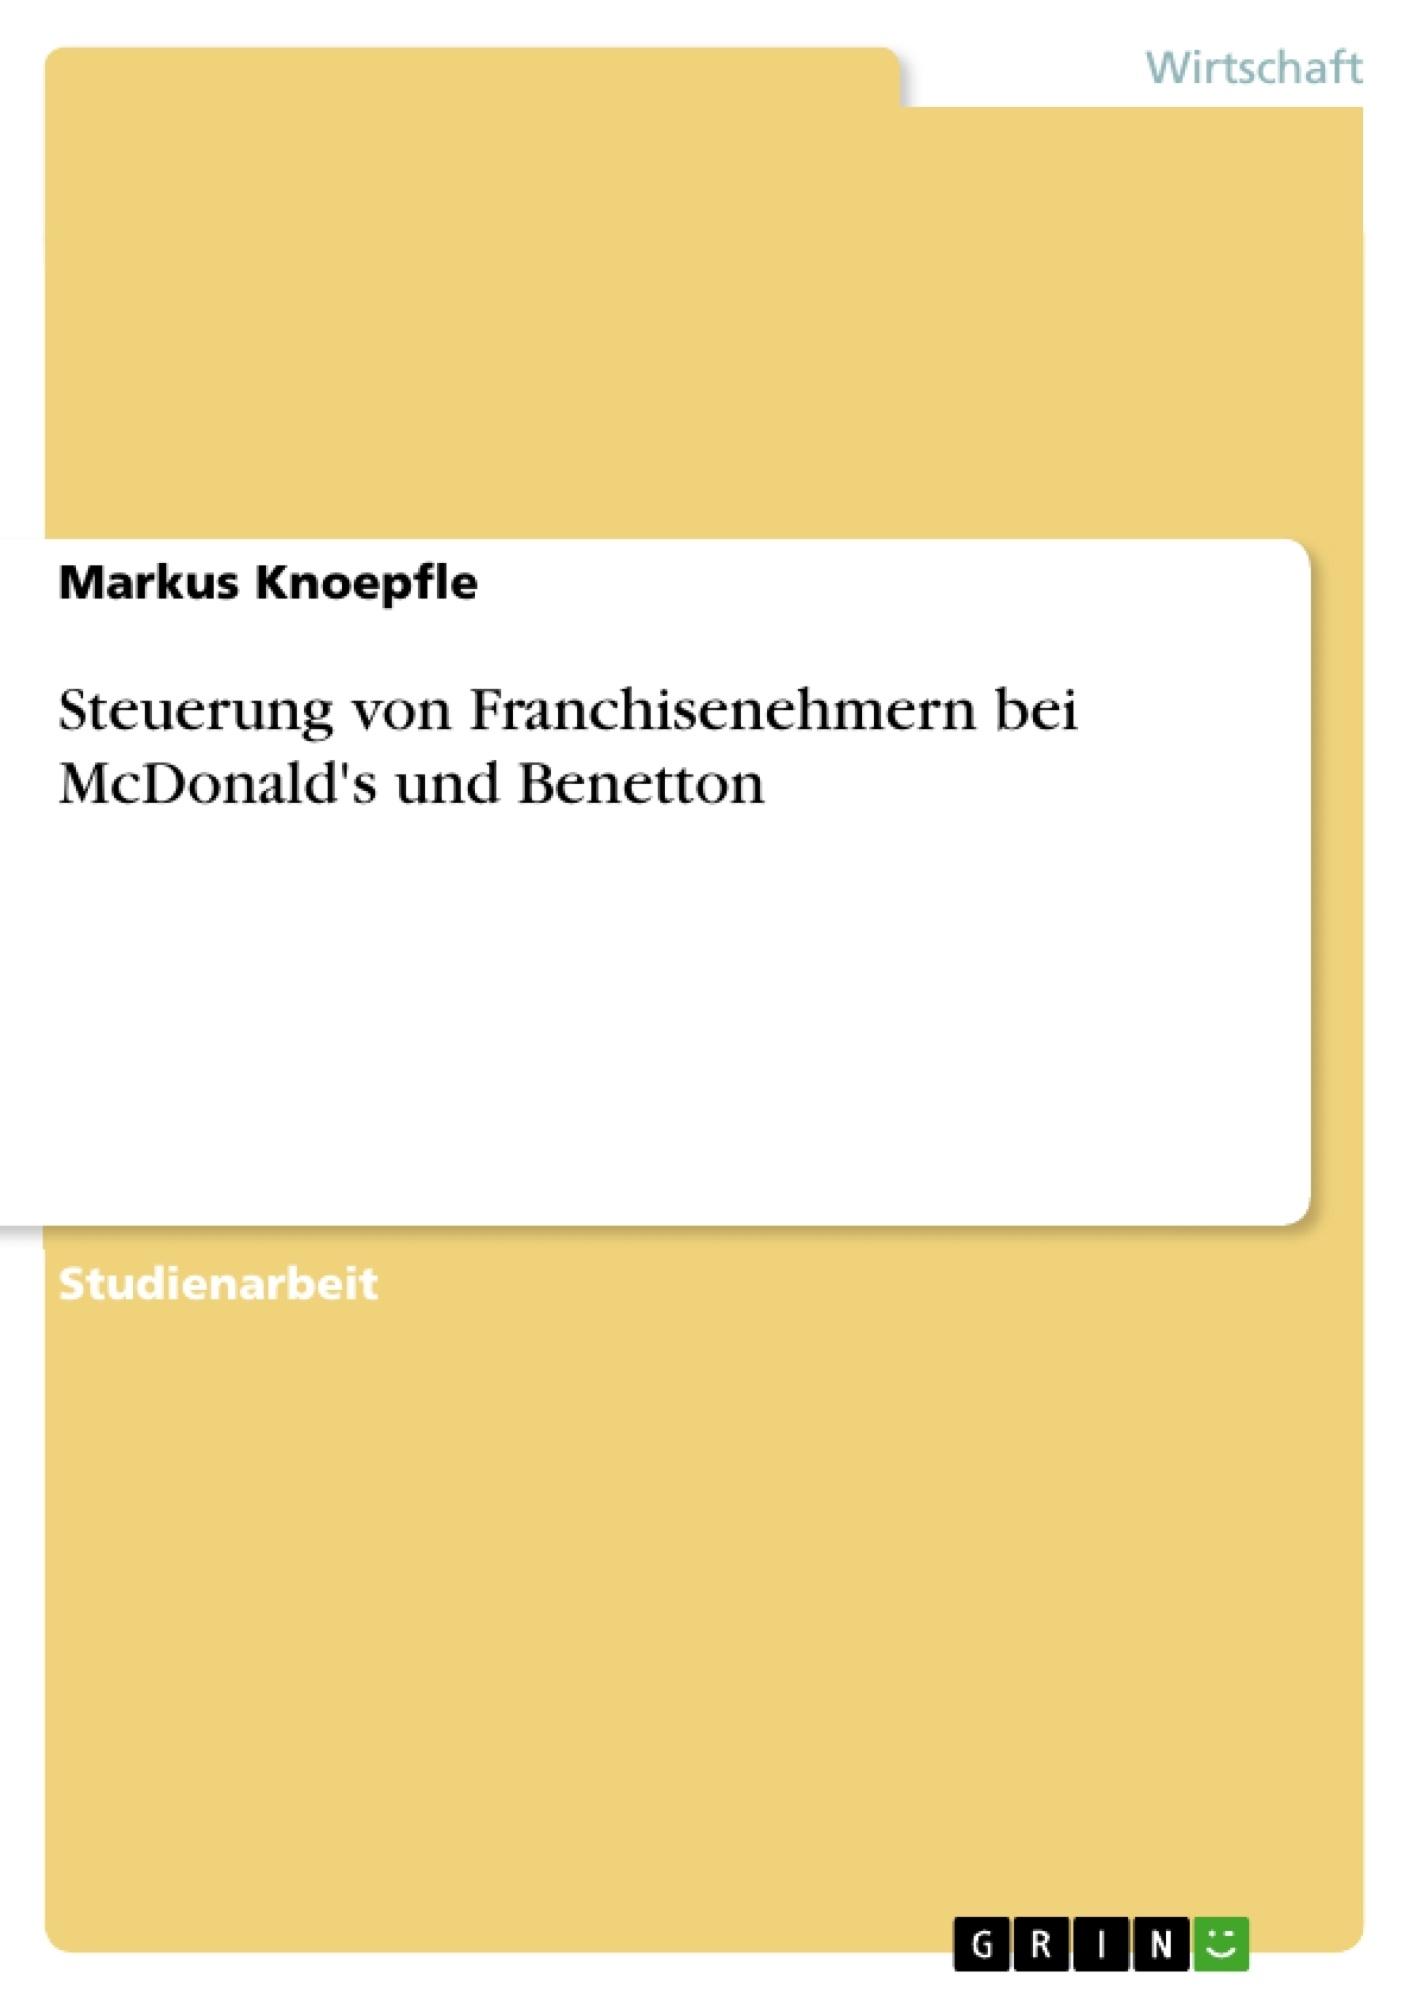 Titel: Steuerung von Franchisenehmern bei McDonald's und Benetton